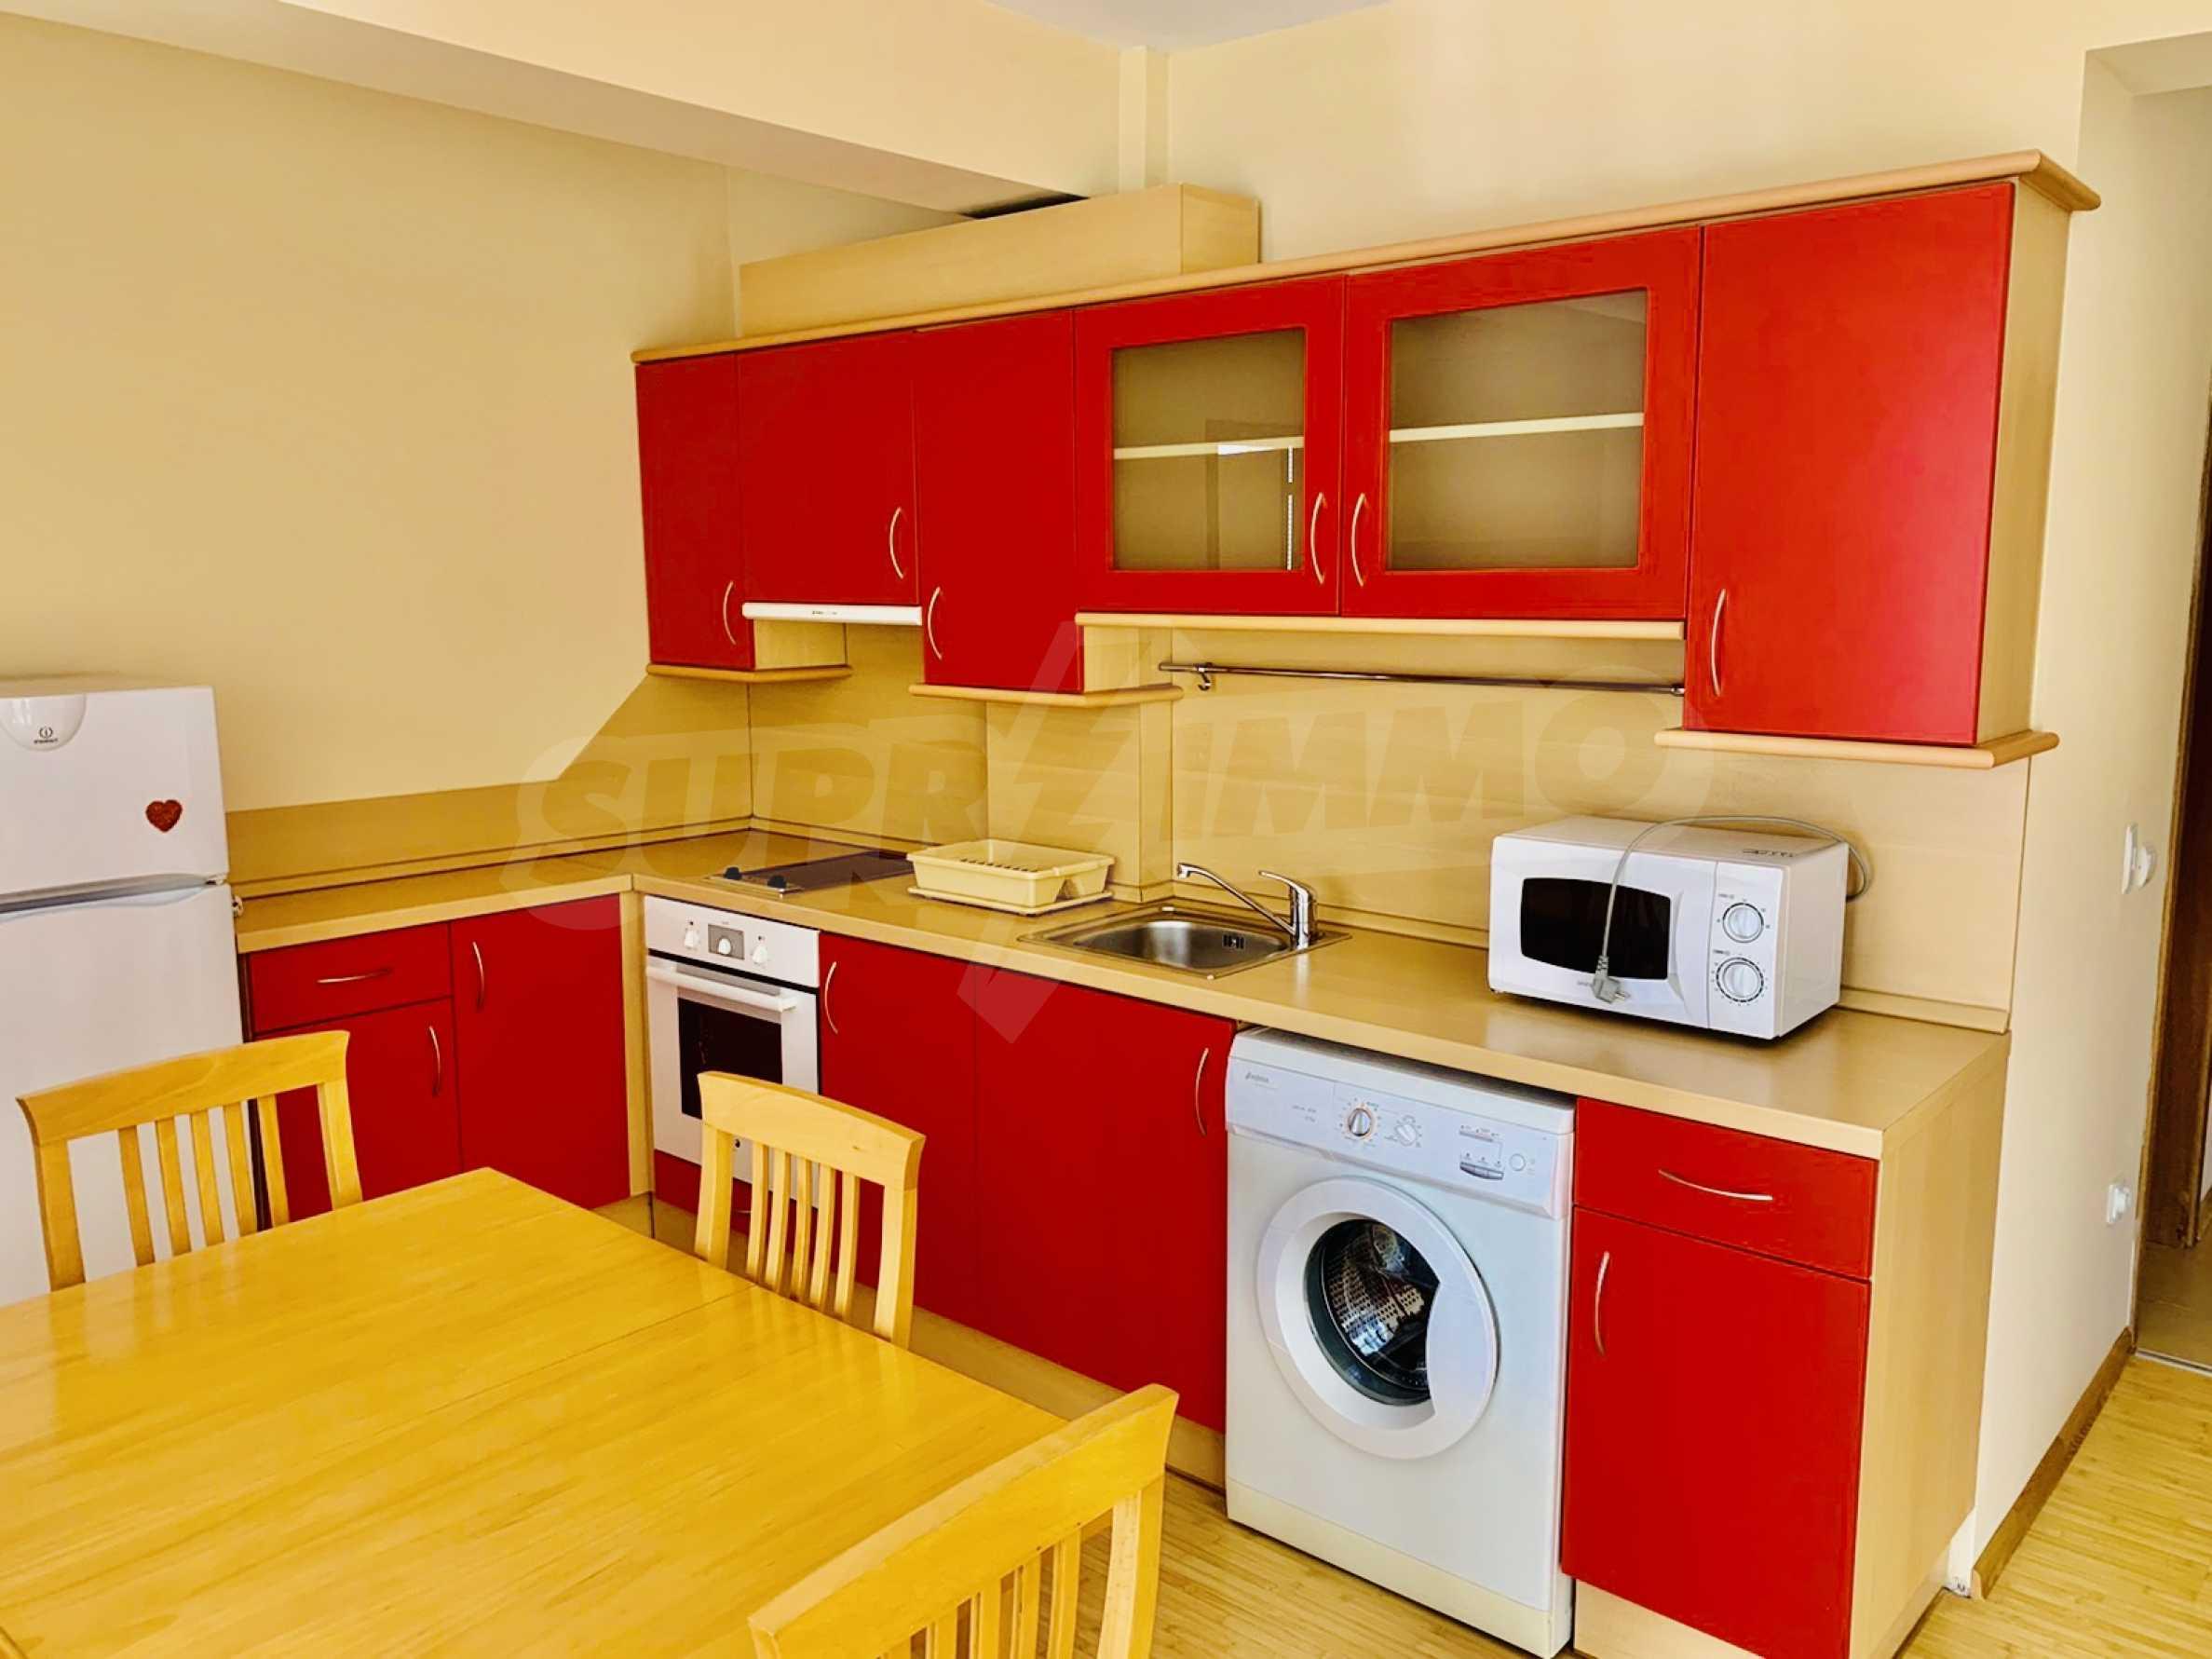 Apartment for rent in Veliko Tarnovo  3